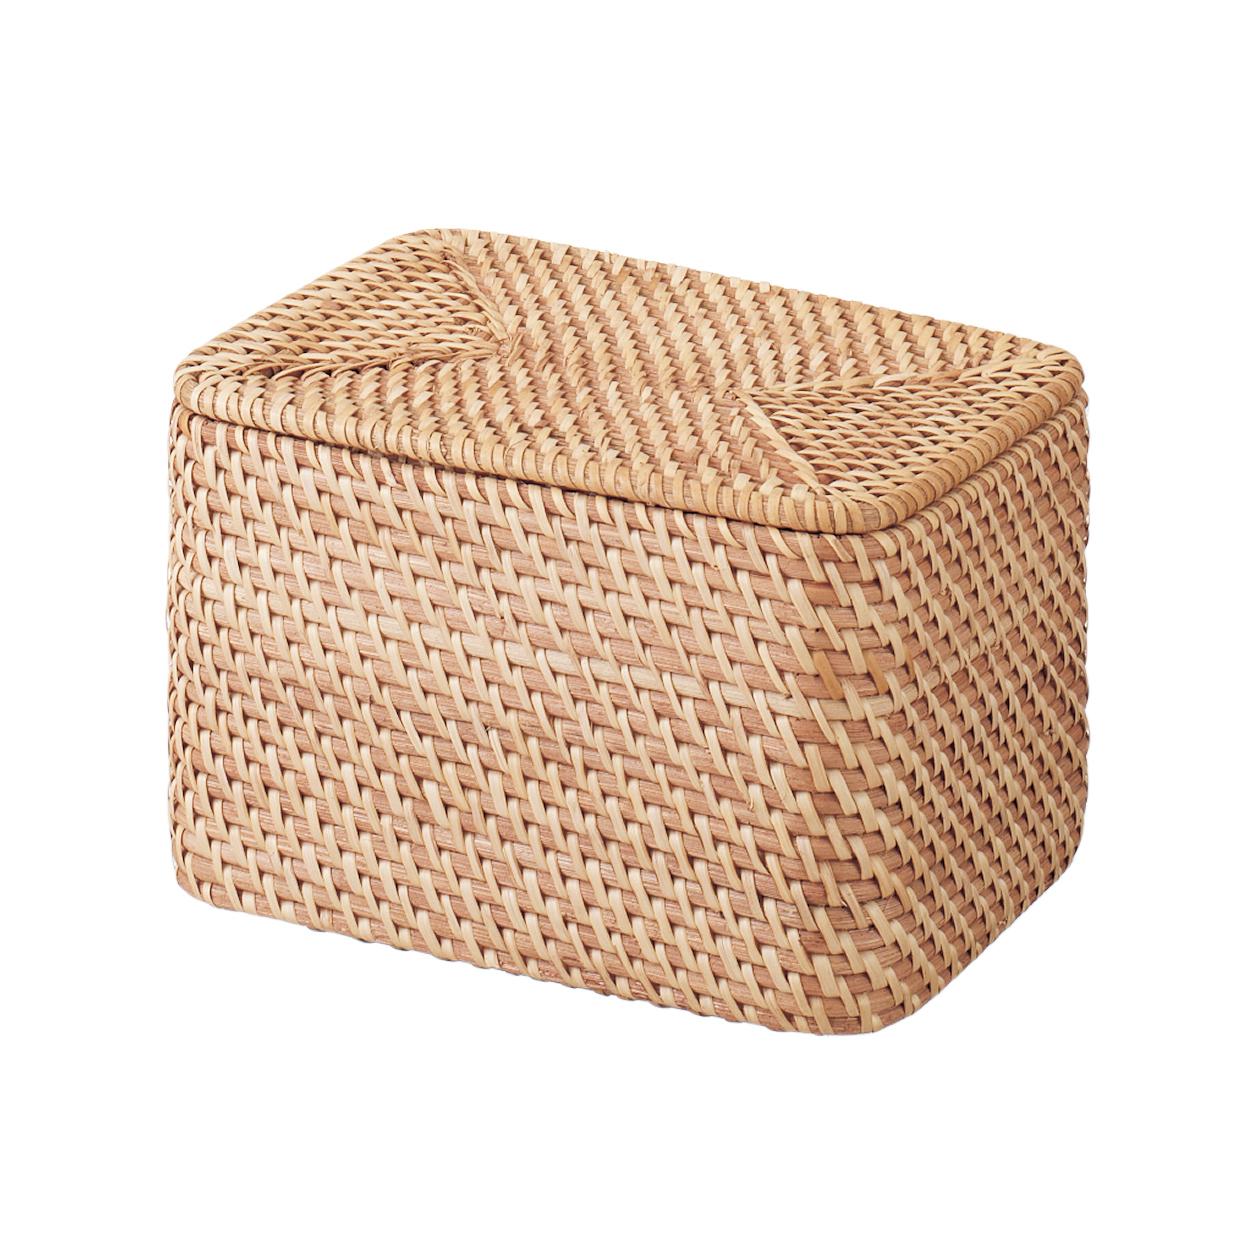 無印良品 重なるラタン長方形ボックス・フタ付 (V) 約幅26×奥行18×高さ16cm